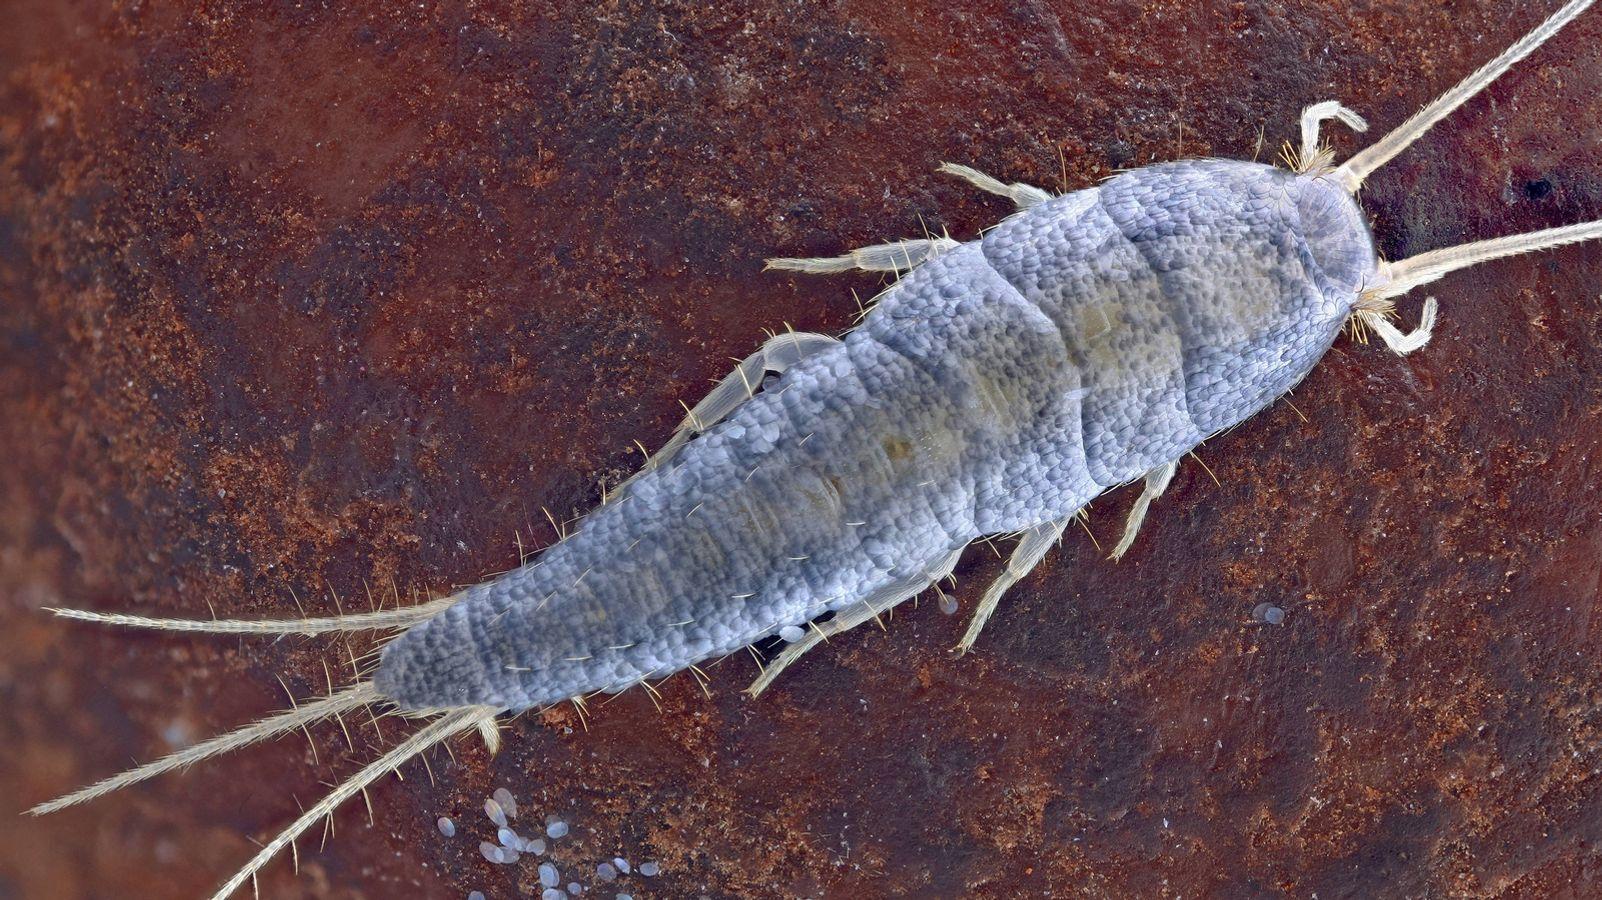 Viele Menschen ekeln sich vor den flinken, lichtscheuen Insekten und  fürchten sich davor, dass die Tiere Krankheiten übertragen könnten. Das  Gegenteil trifft zu: Silberfischen in den eigenen vier ...